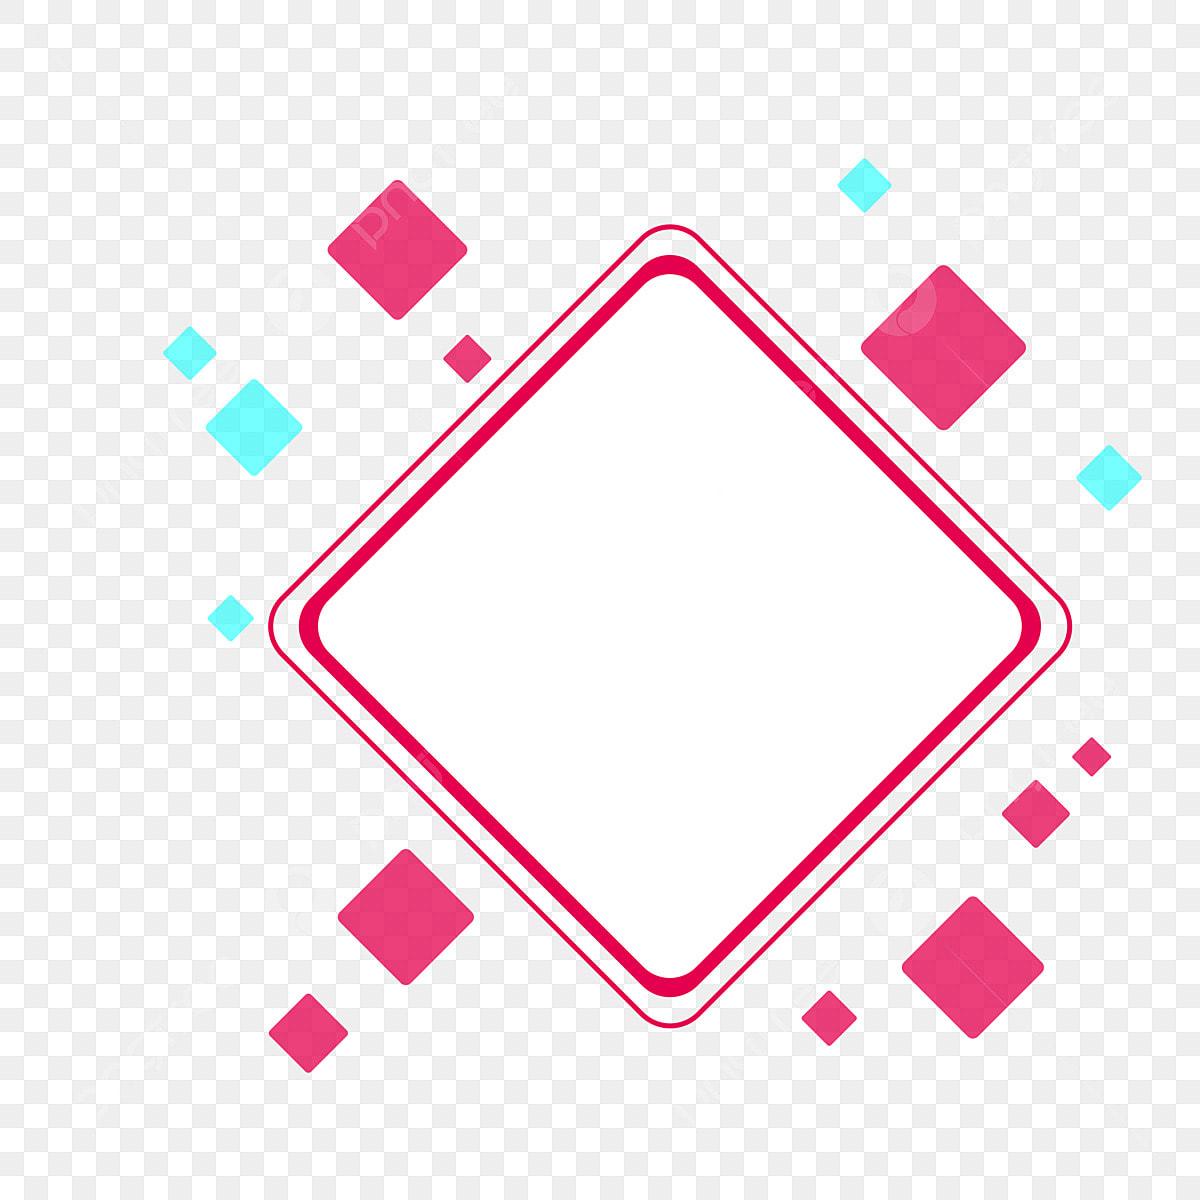 اشكال هندسية مربعات للتصميم Png